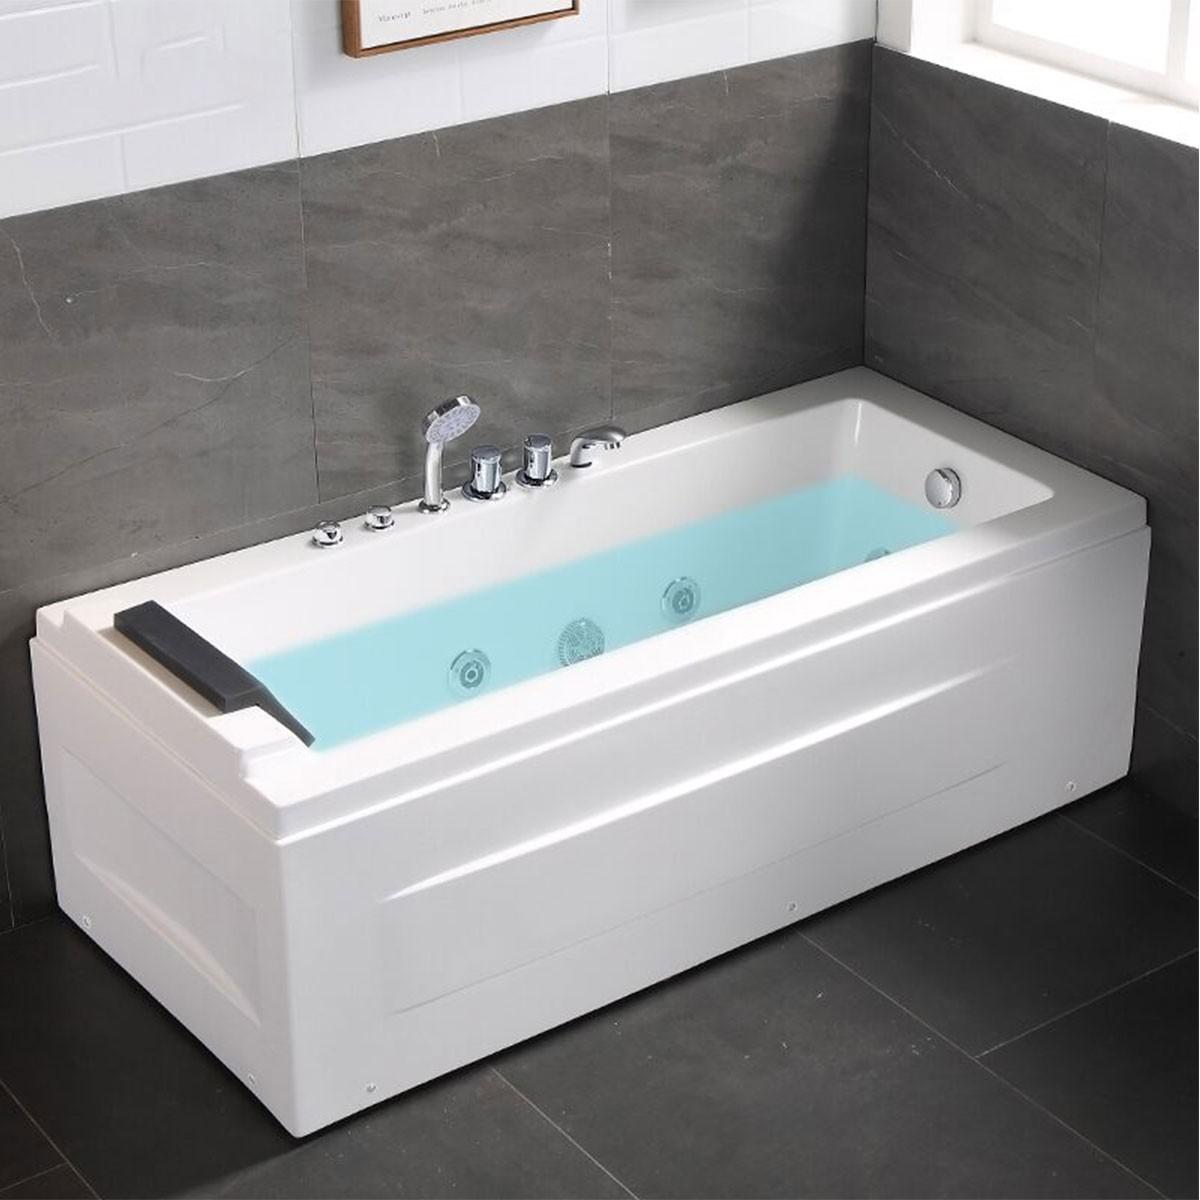 Decoraport 59 x 30 In Whirlpool Tub (DK-Q351)